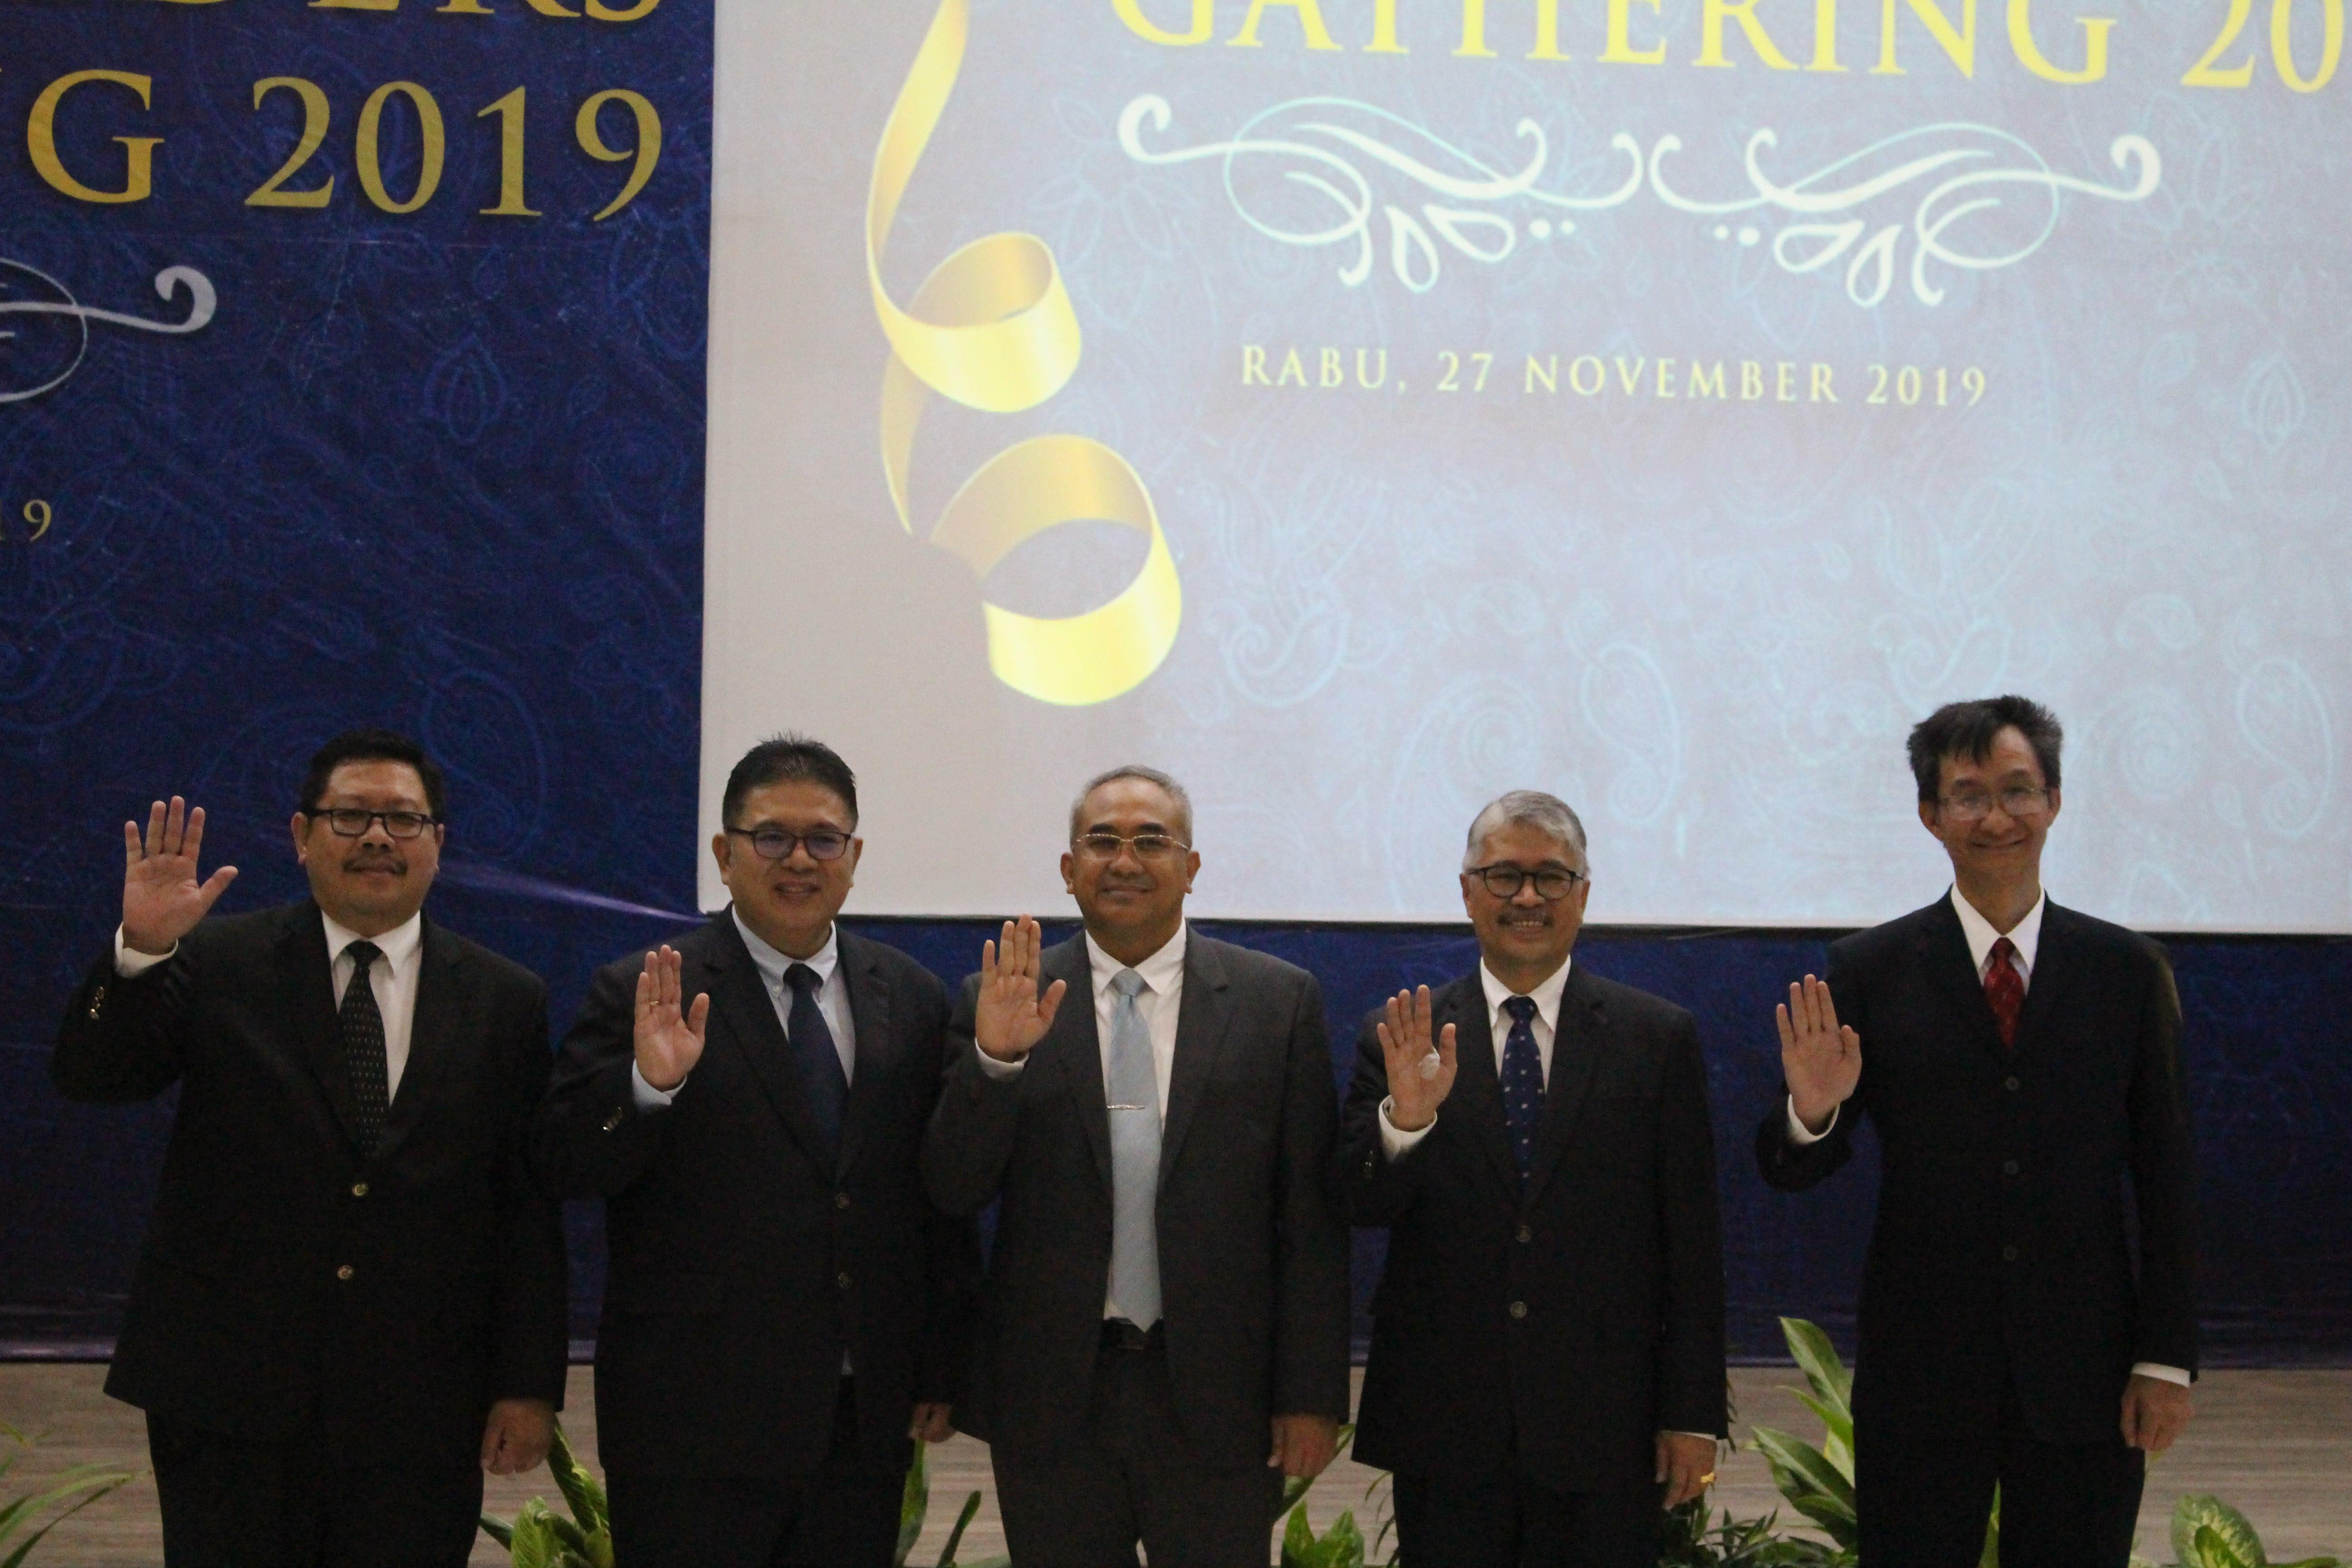 Pengenalan Rektor Baru Universitas Budi Luhur Dr. Wendi Usino Dengan Stakeholders